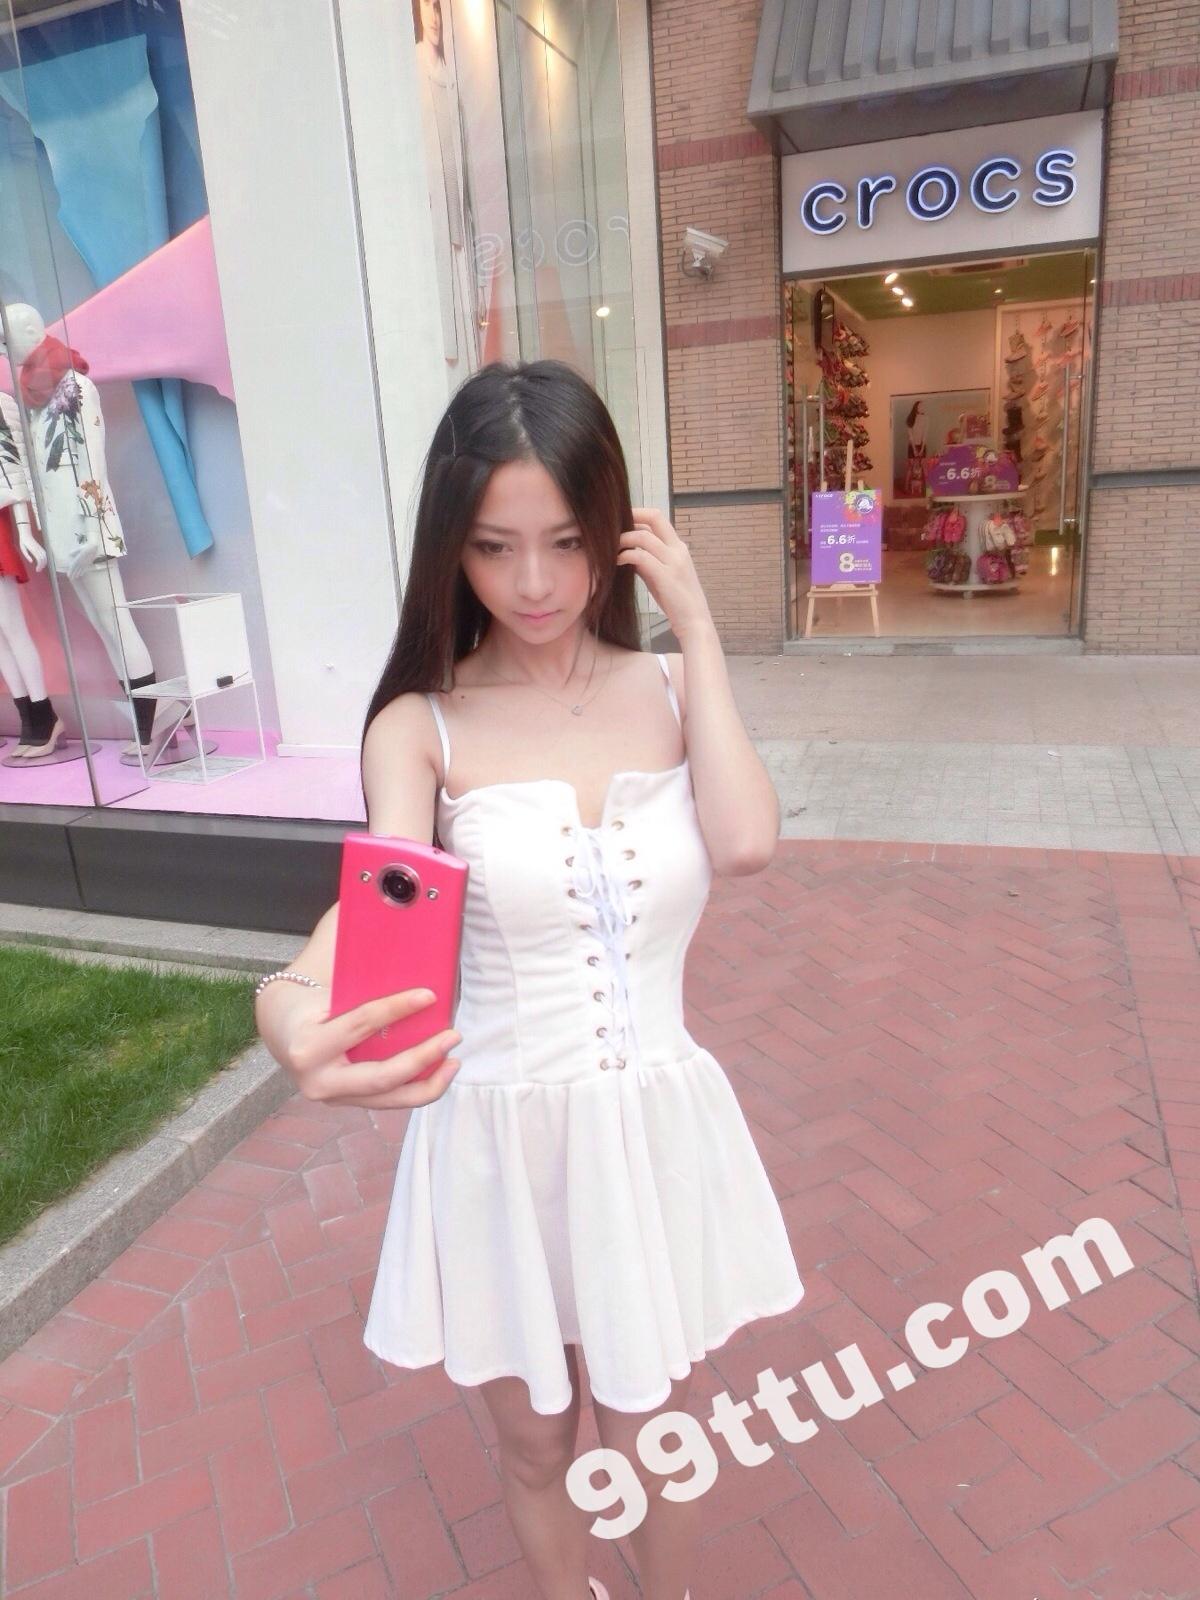 KK62_304张图+21视频 时尚美女网恋真实生活照-9